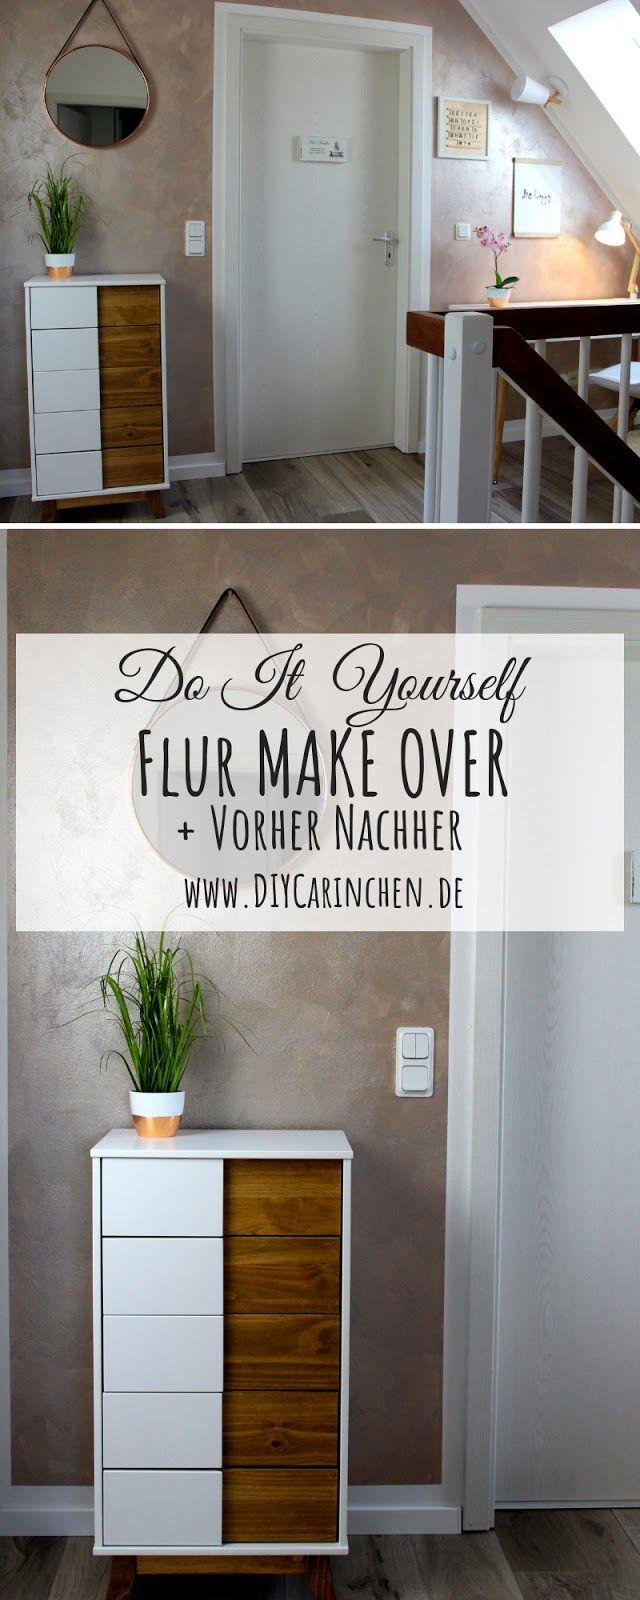 Diy Flur Make Over Inklusive Vorher Nachher Streich Tipps Wandfarbe Schoner Wohnen Schoner Wohnen Farbe